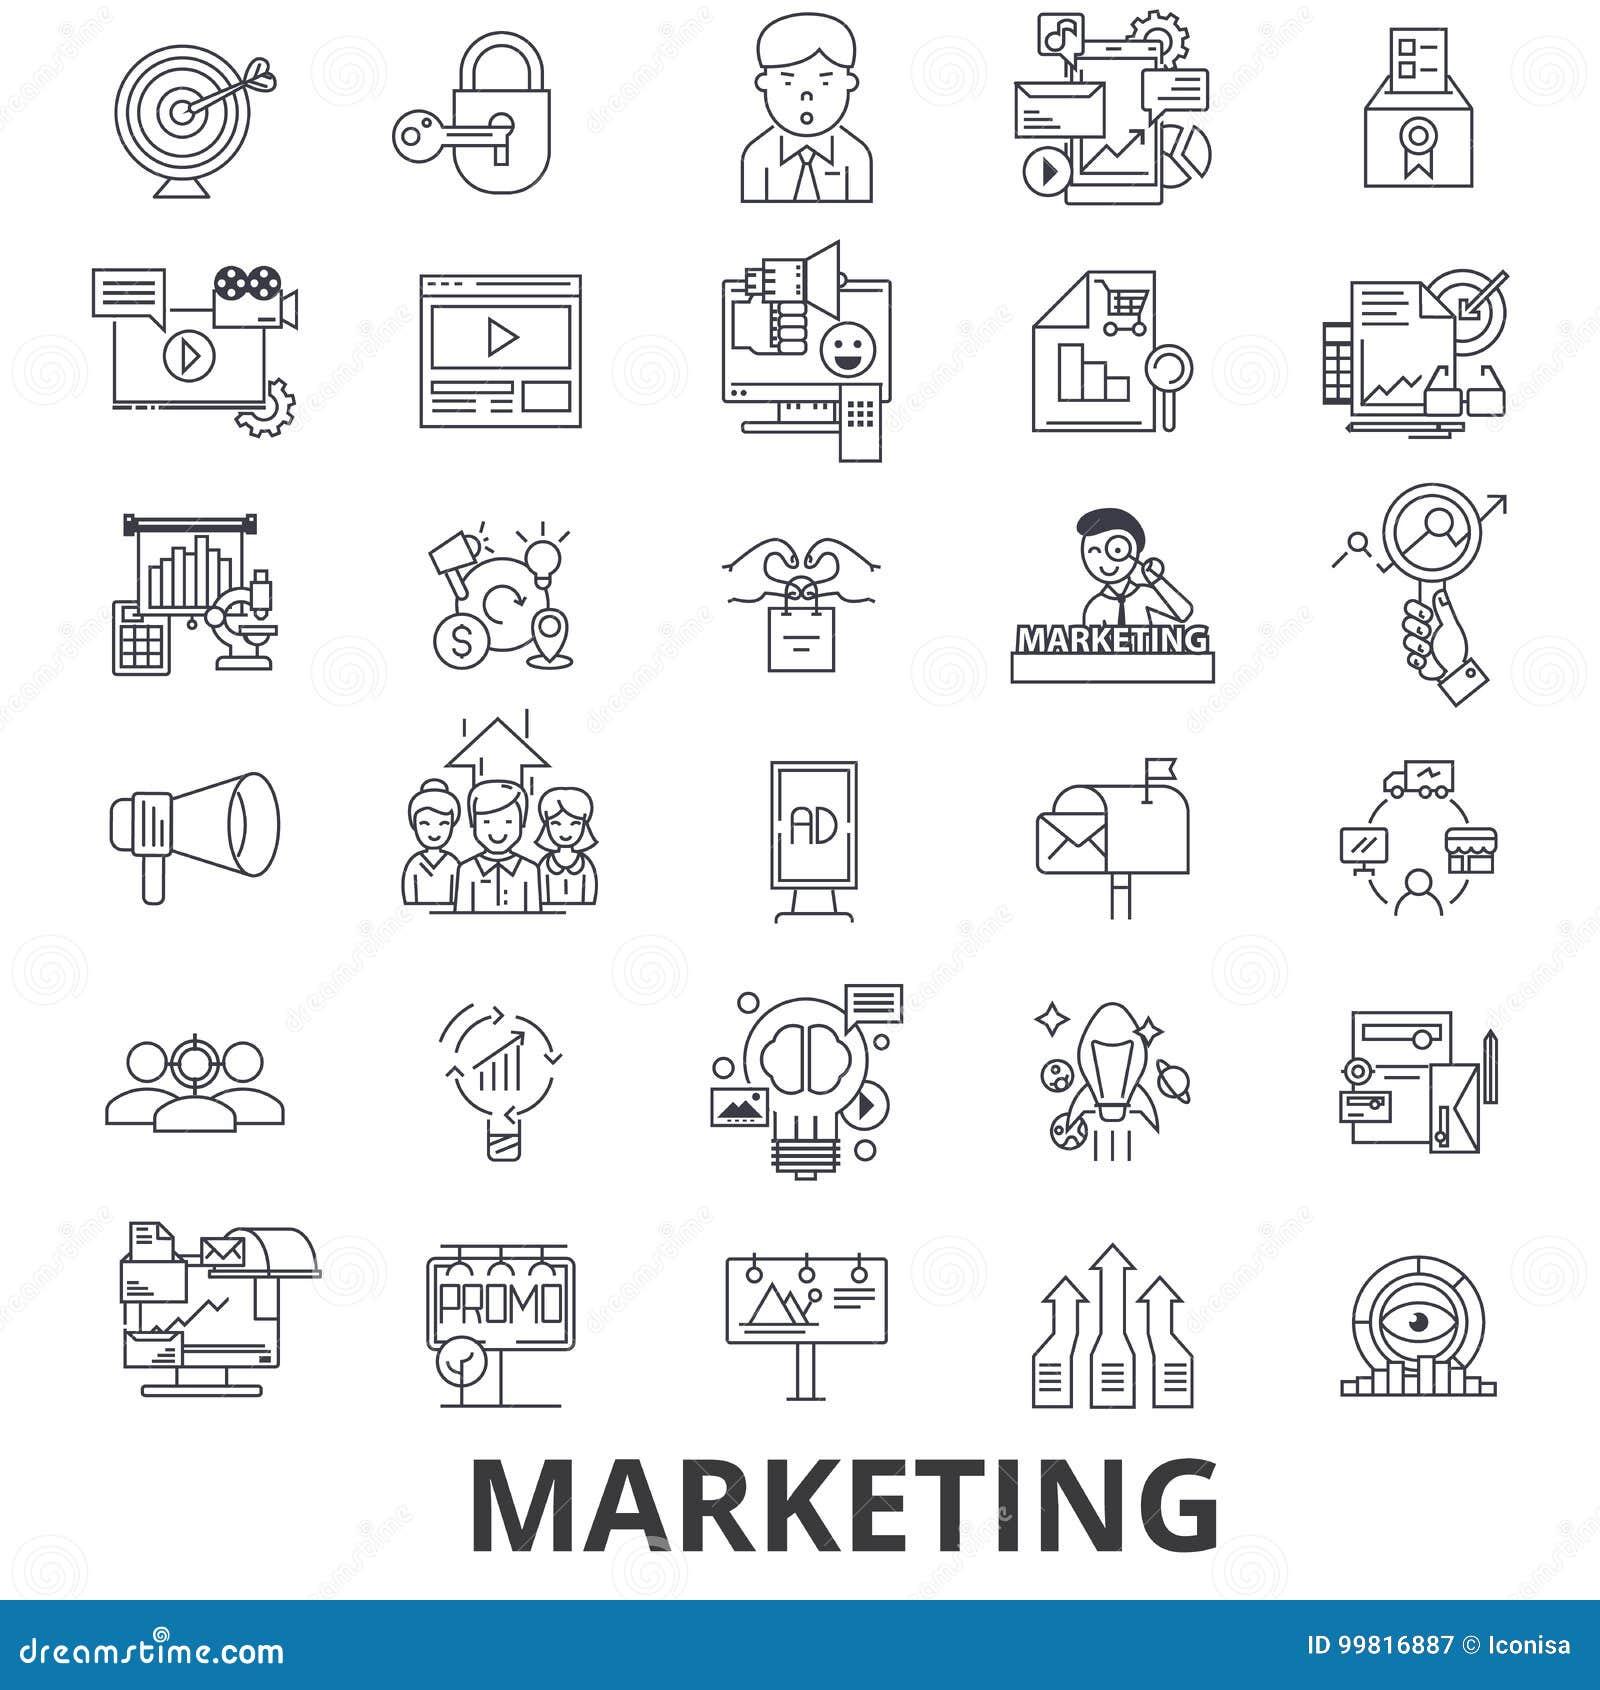 Márketing, estrategia de marketing, publicidad, negocio, calificando, medios línea social iconos Movimientos Editable Diseño plan